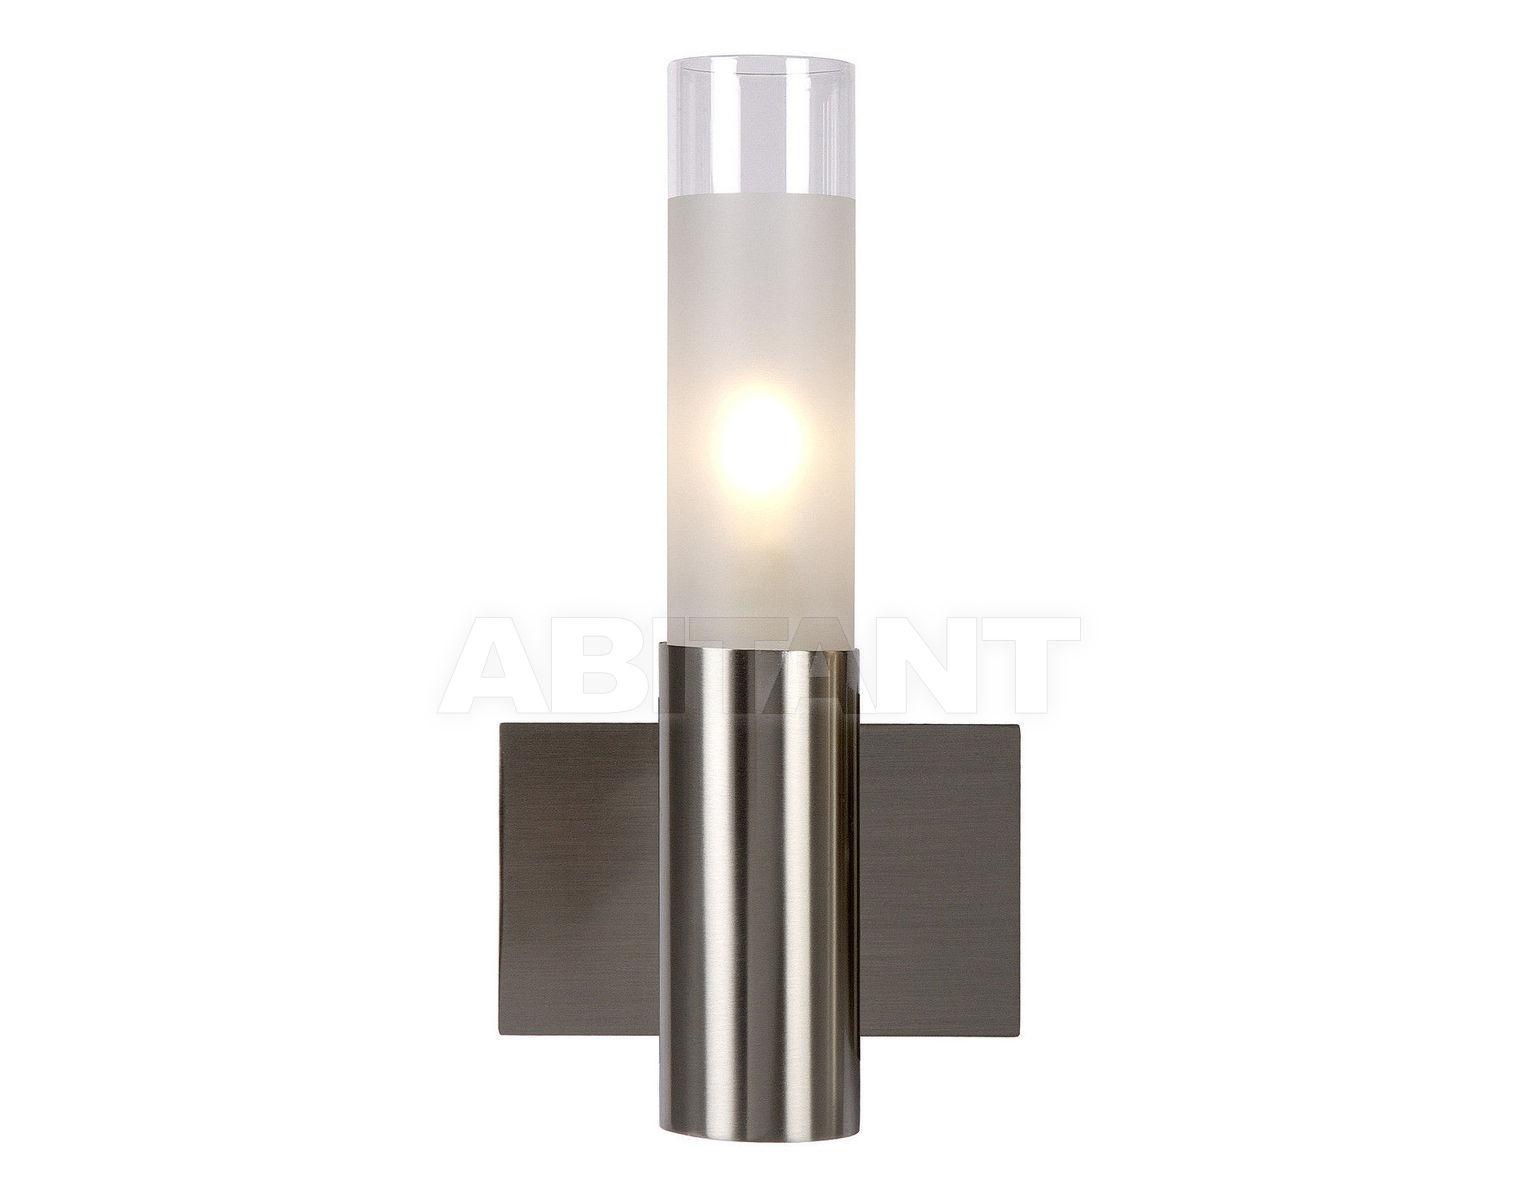 Купить Светильник настенный PIPERS Lucide  Floor & Table Lamps 12257/21/12